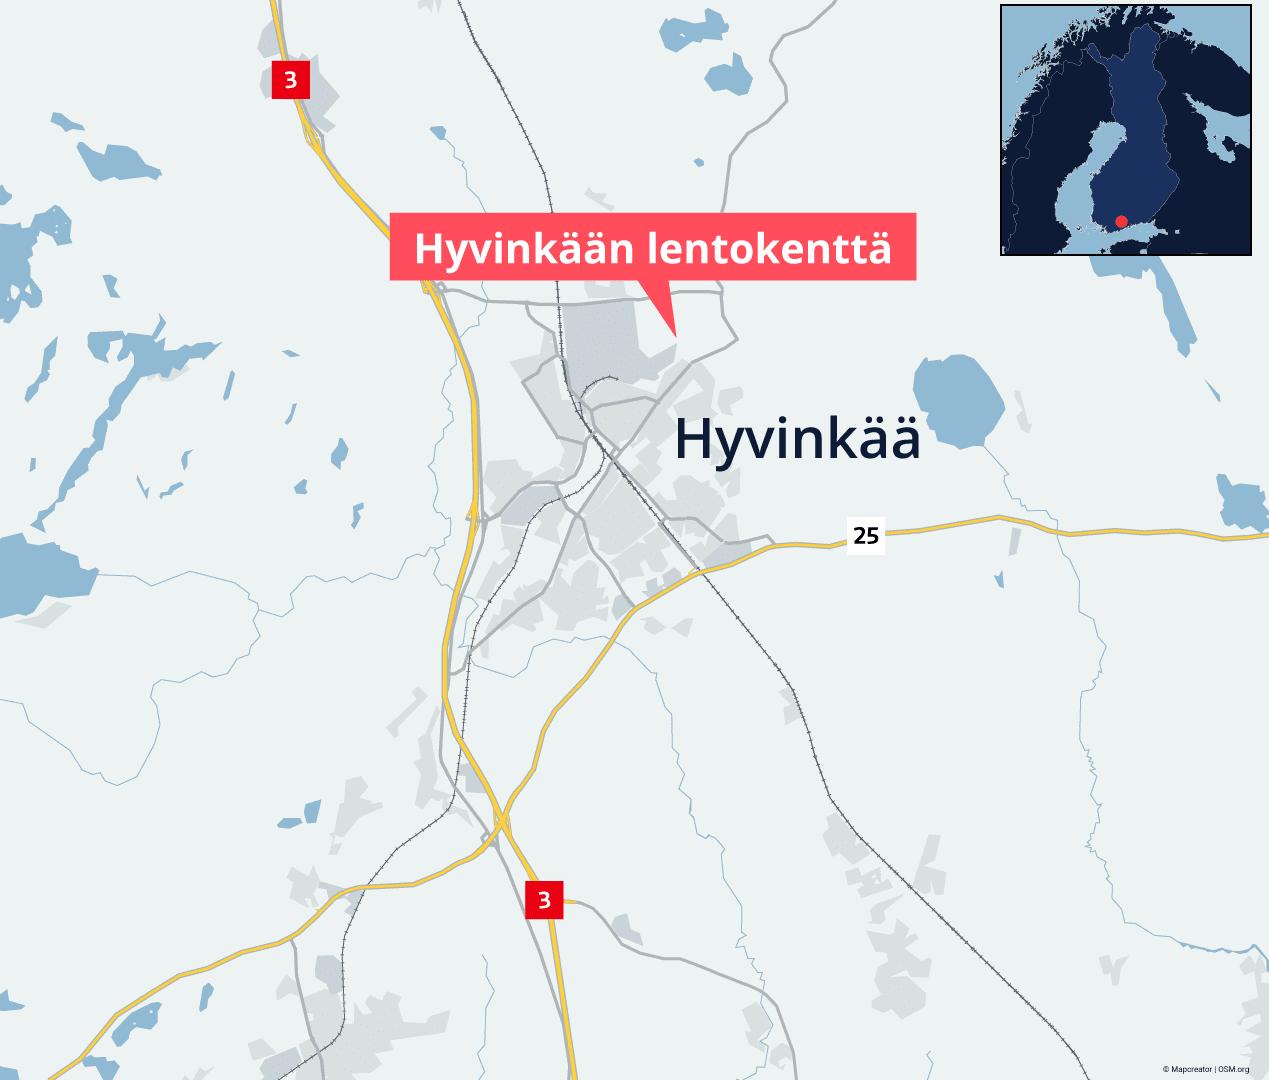 Hyvinkään lentokenttä sijaitsee Hyvinkään keskustan pohjoispuolella.